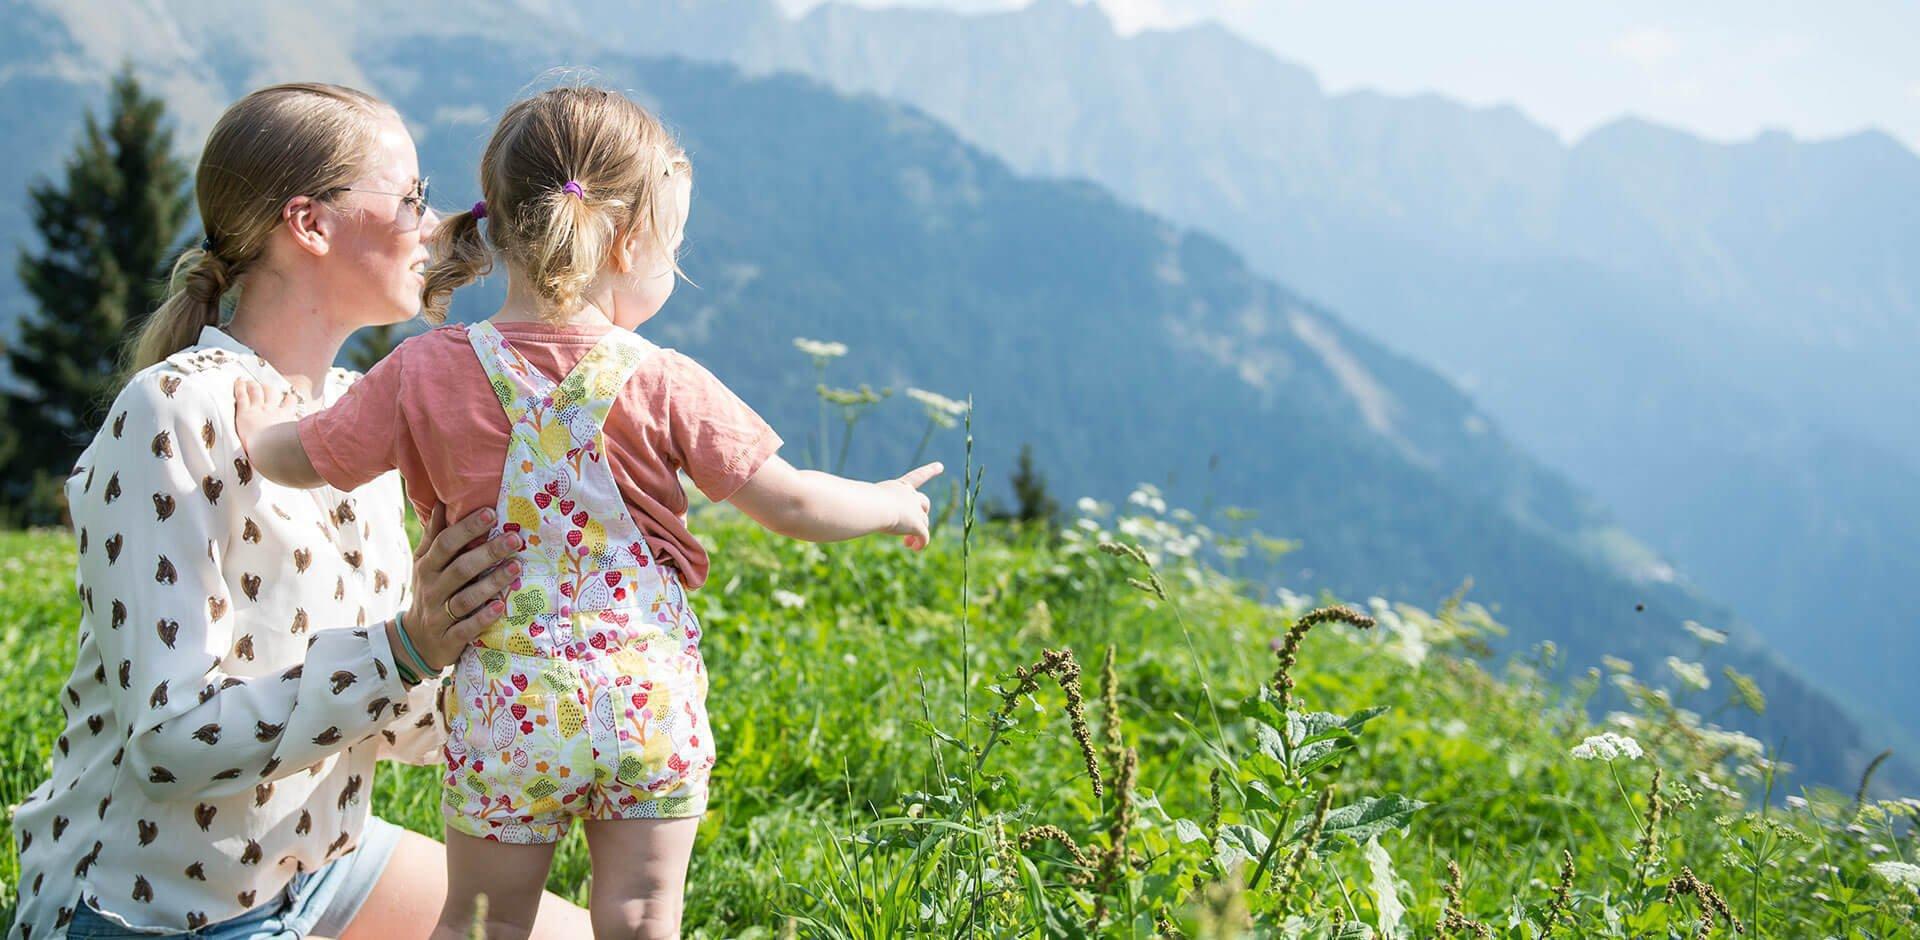 Alles bereit zum Bauernhofurlaub mit Kindern in Südtirol